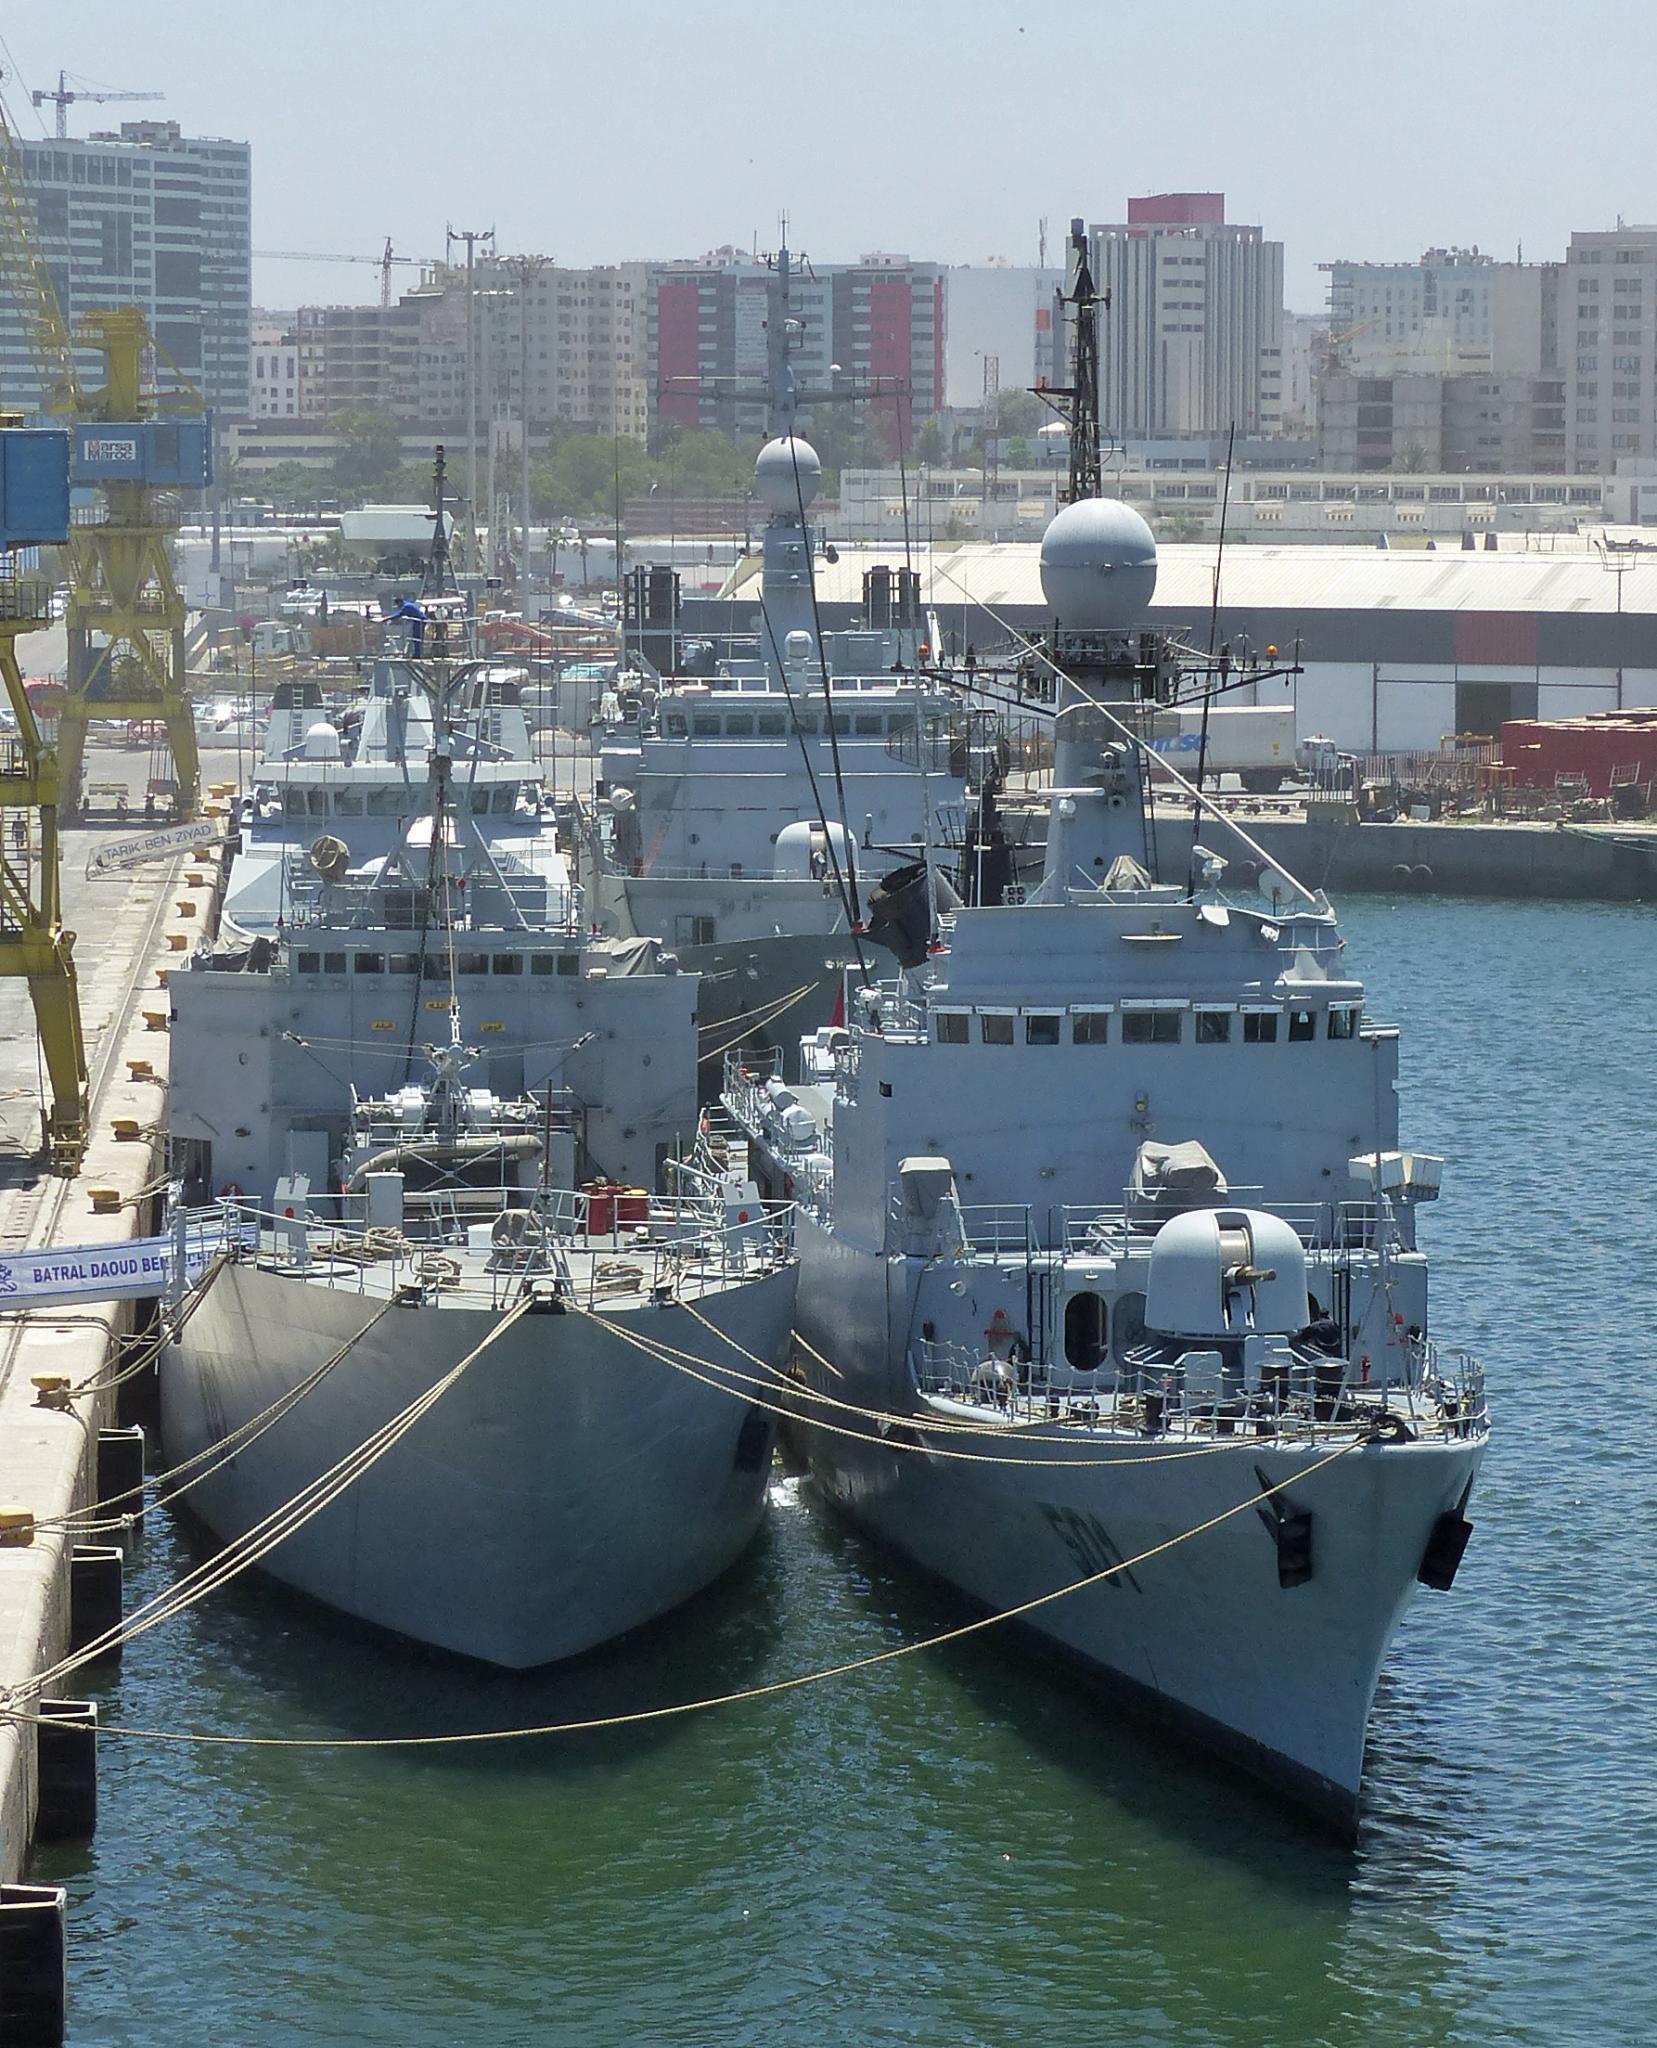 Royal Moroccan Navy Descubierta Frigate / Patrouilleur Océanique Lt Cl Errahmani - Bâtiment École - Page 2 20843290812_d6157cf3bf_k